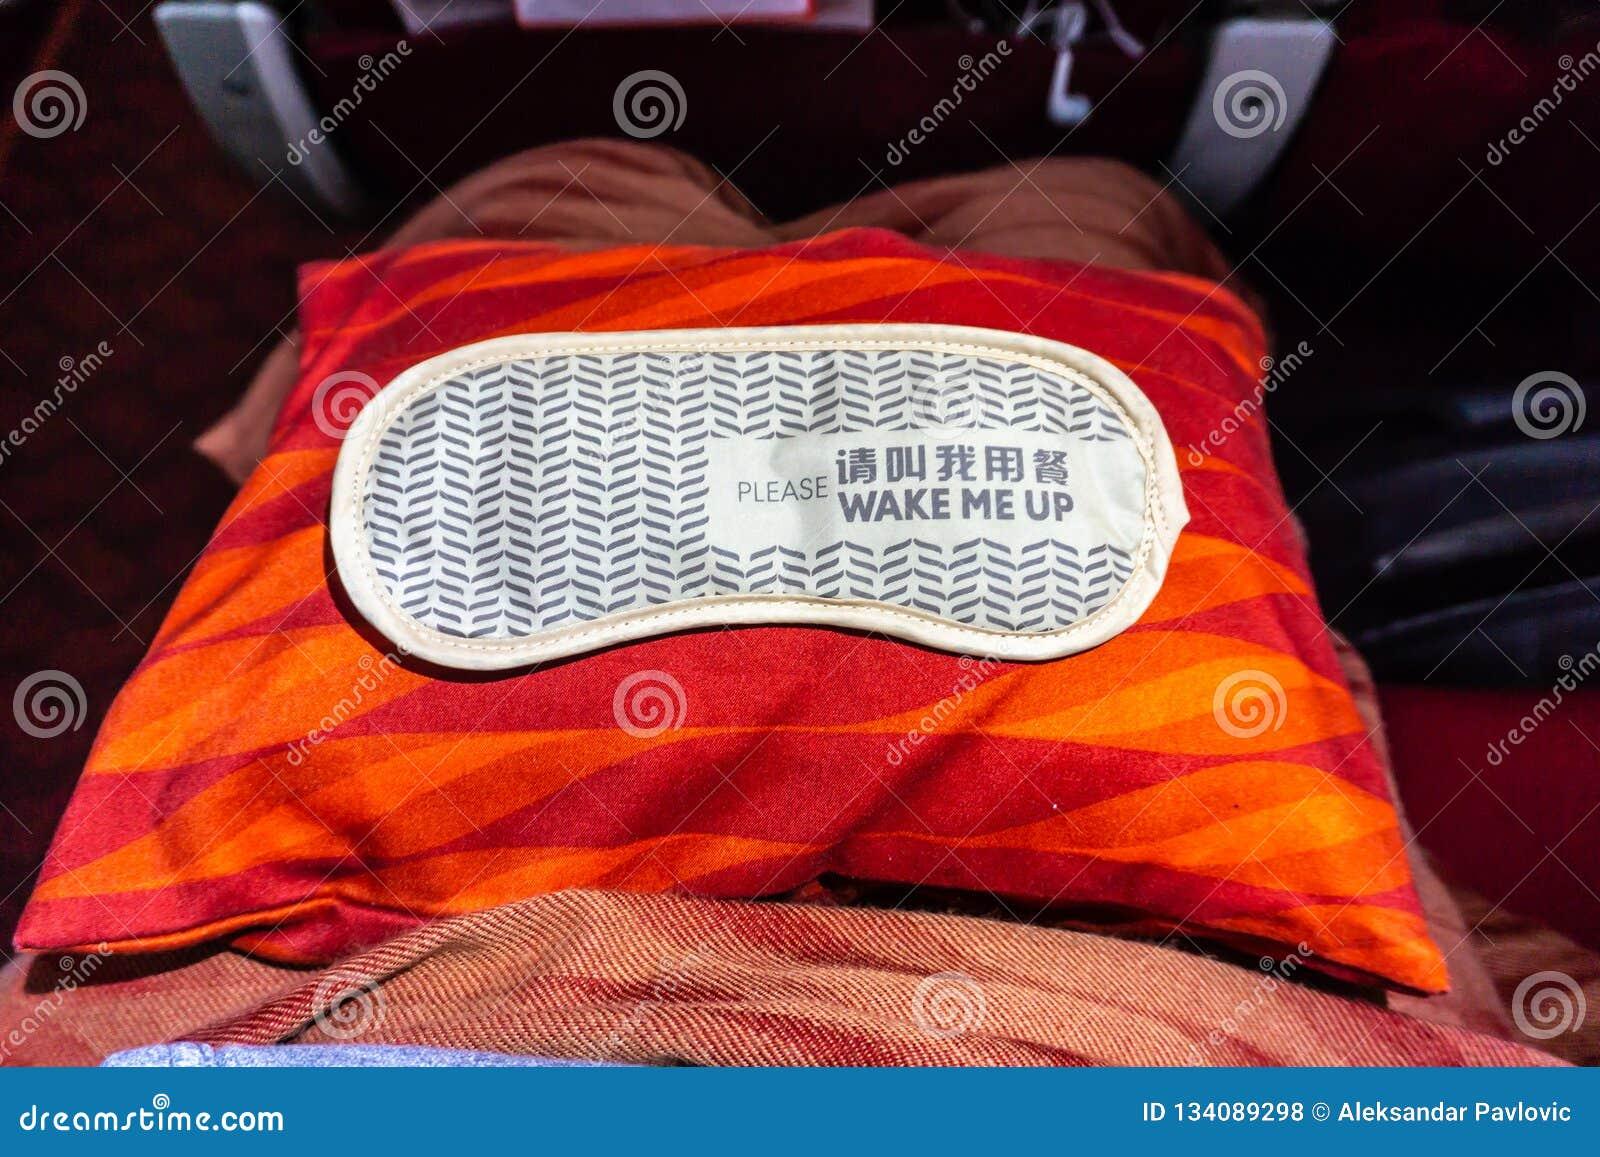 Maschera di sonno di linea aerea